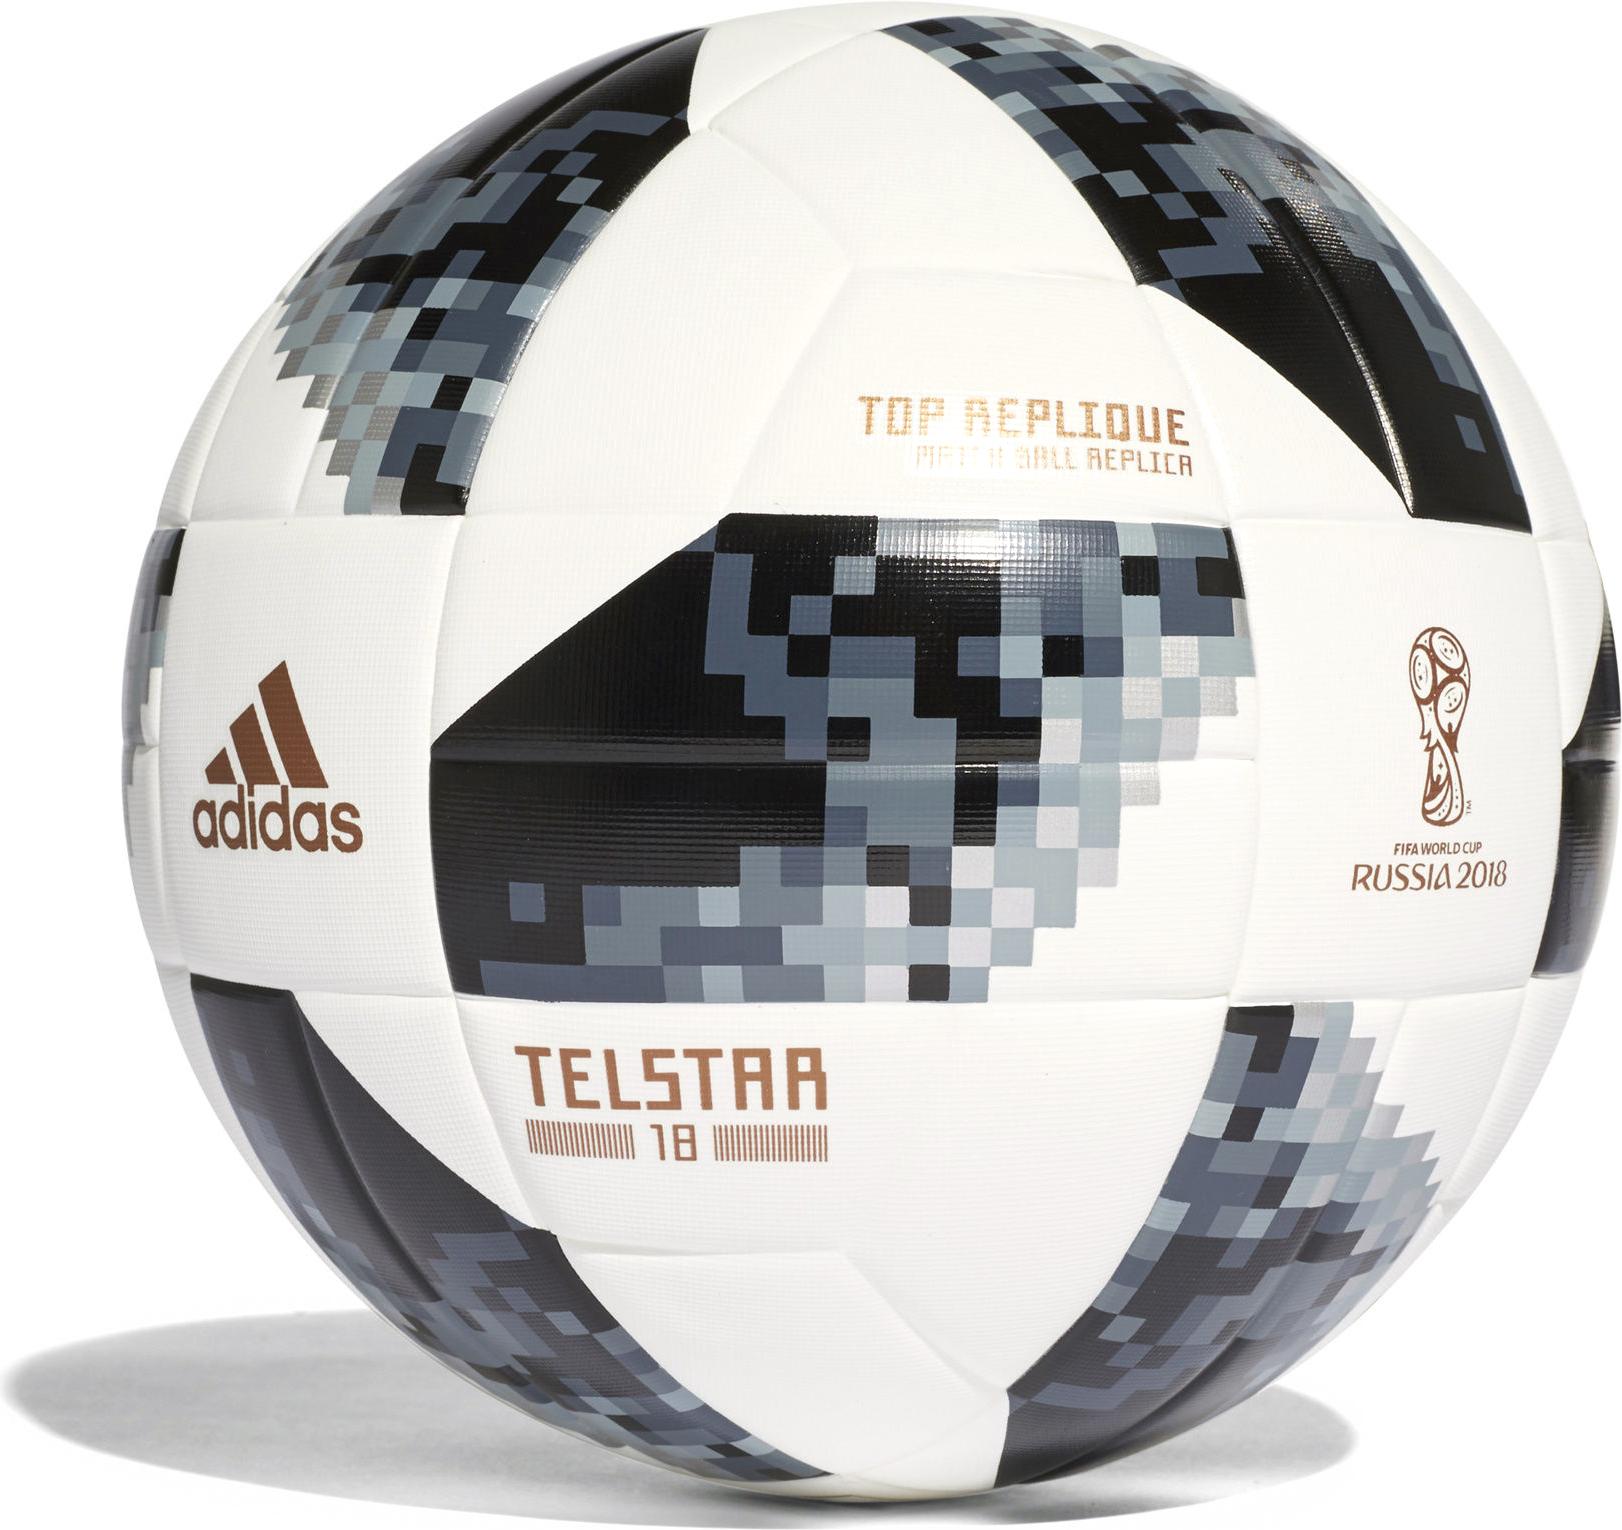 Мяч футбольный Adidas Fifa World Cup, цвет: белый, черный. Размер 5 мяч футбольный fifa 2018 sochi размер 5